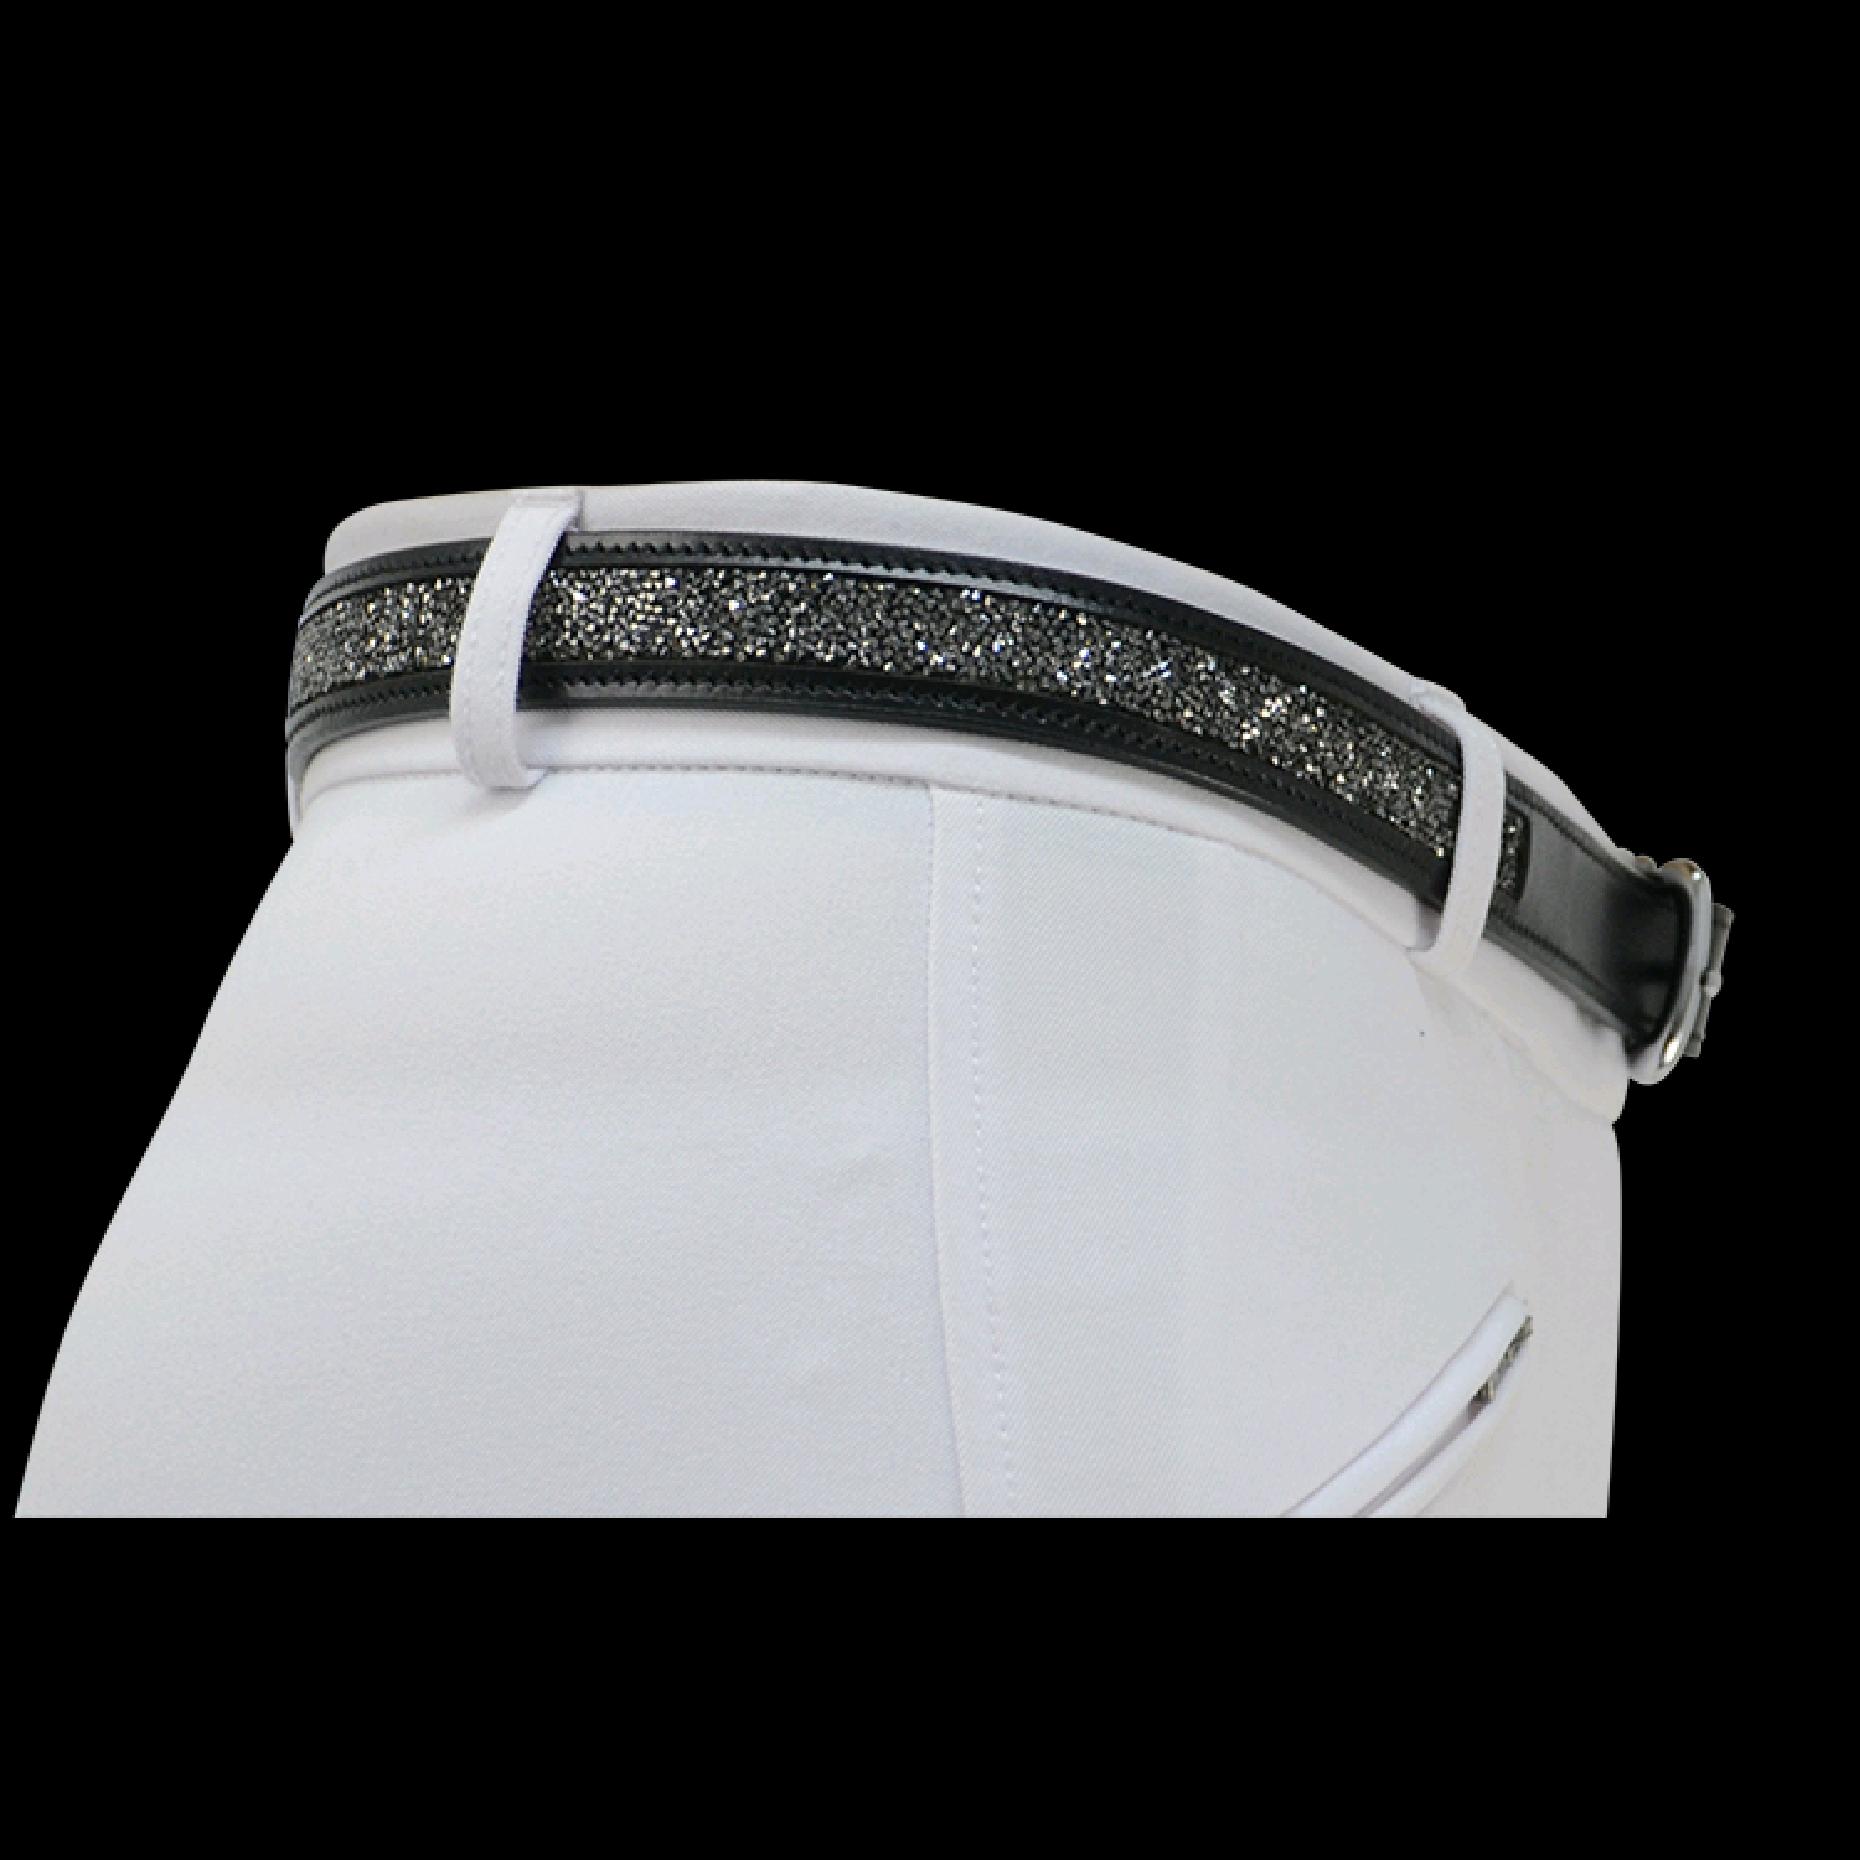 HY belt